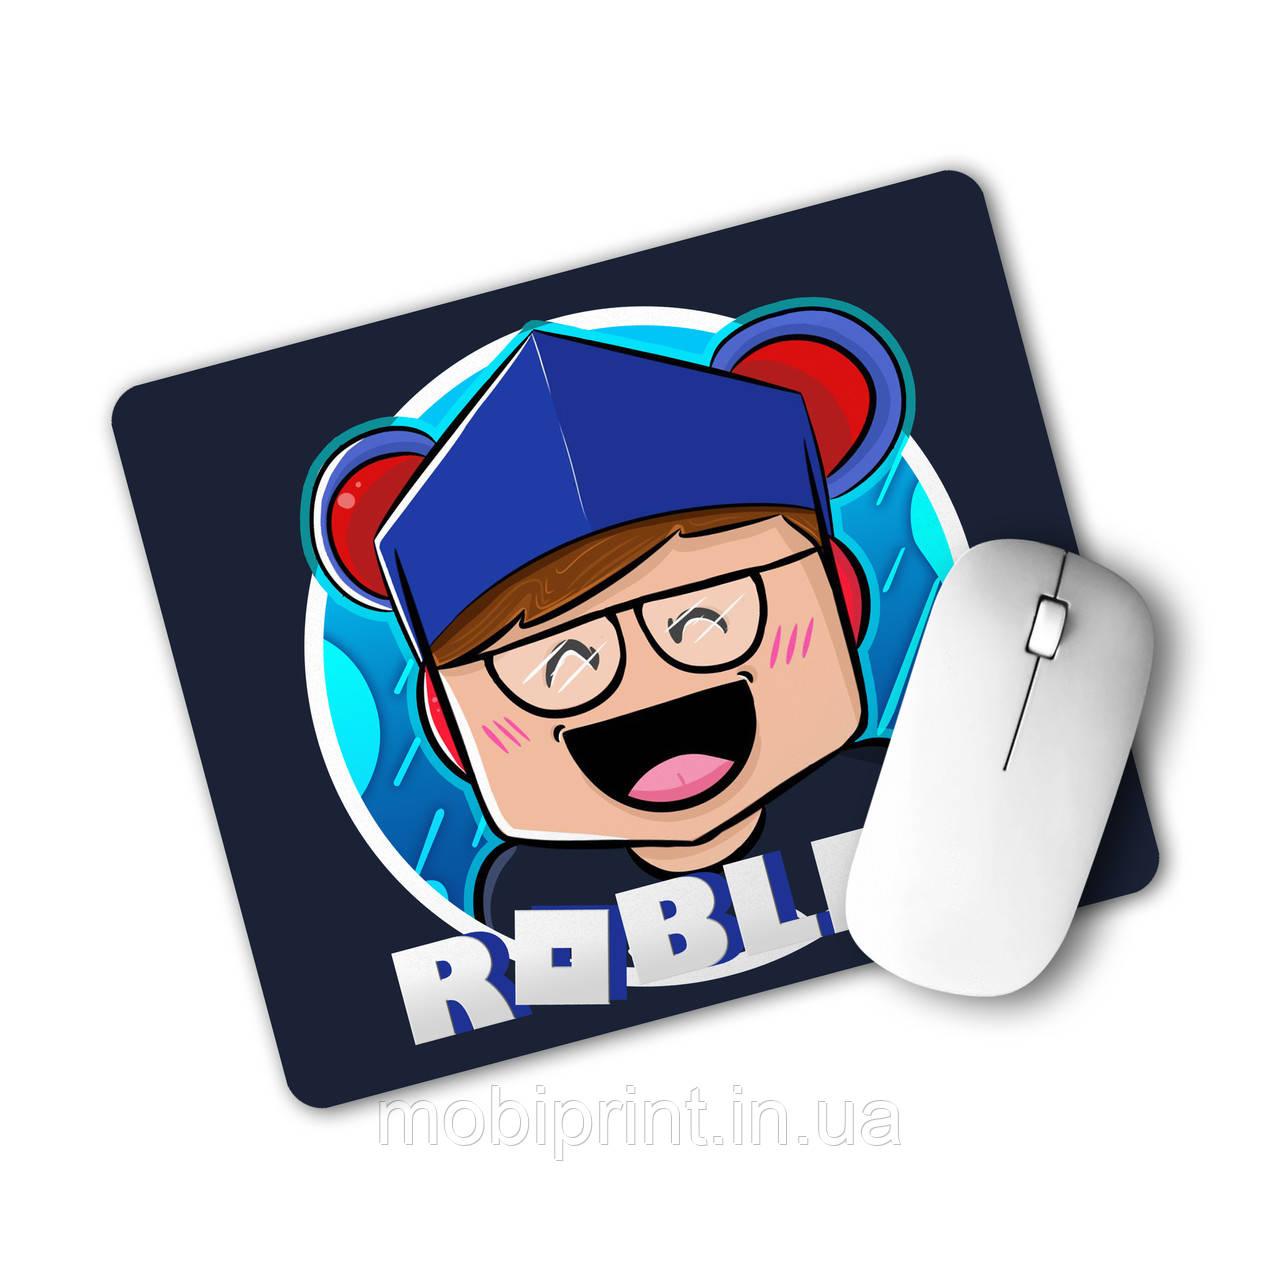 Коврик для мышки Роблокс (Roblox) (25108-1220)